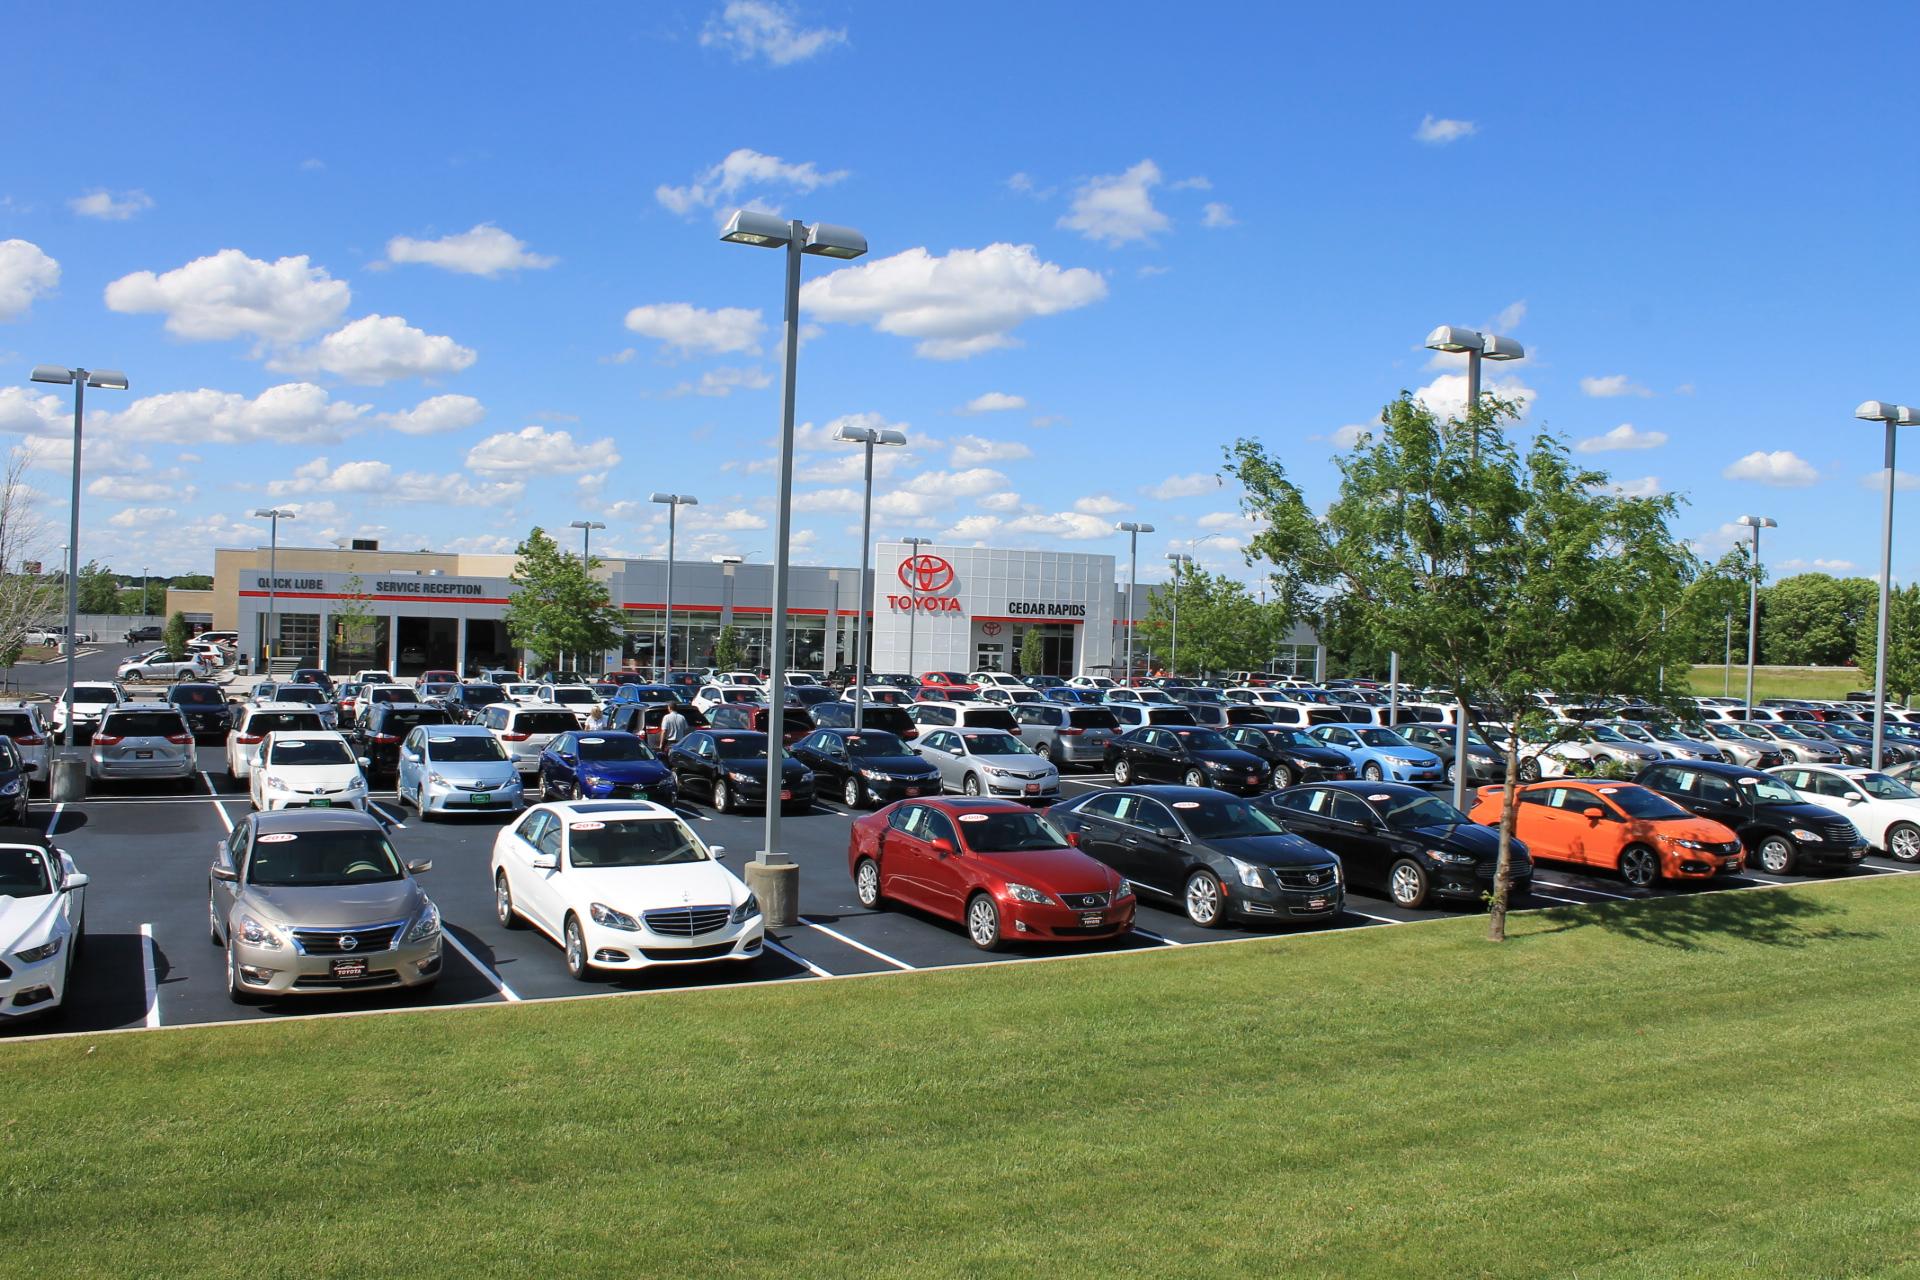 Cedar Rapids Toyota 1190 Boyson Road Hiawatha IA Toyota MapQuest